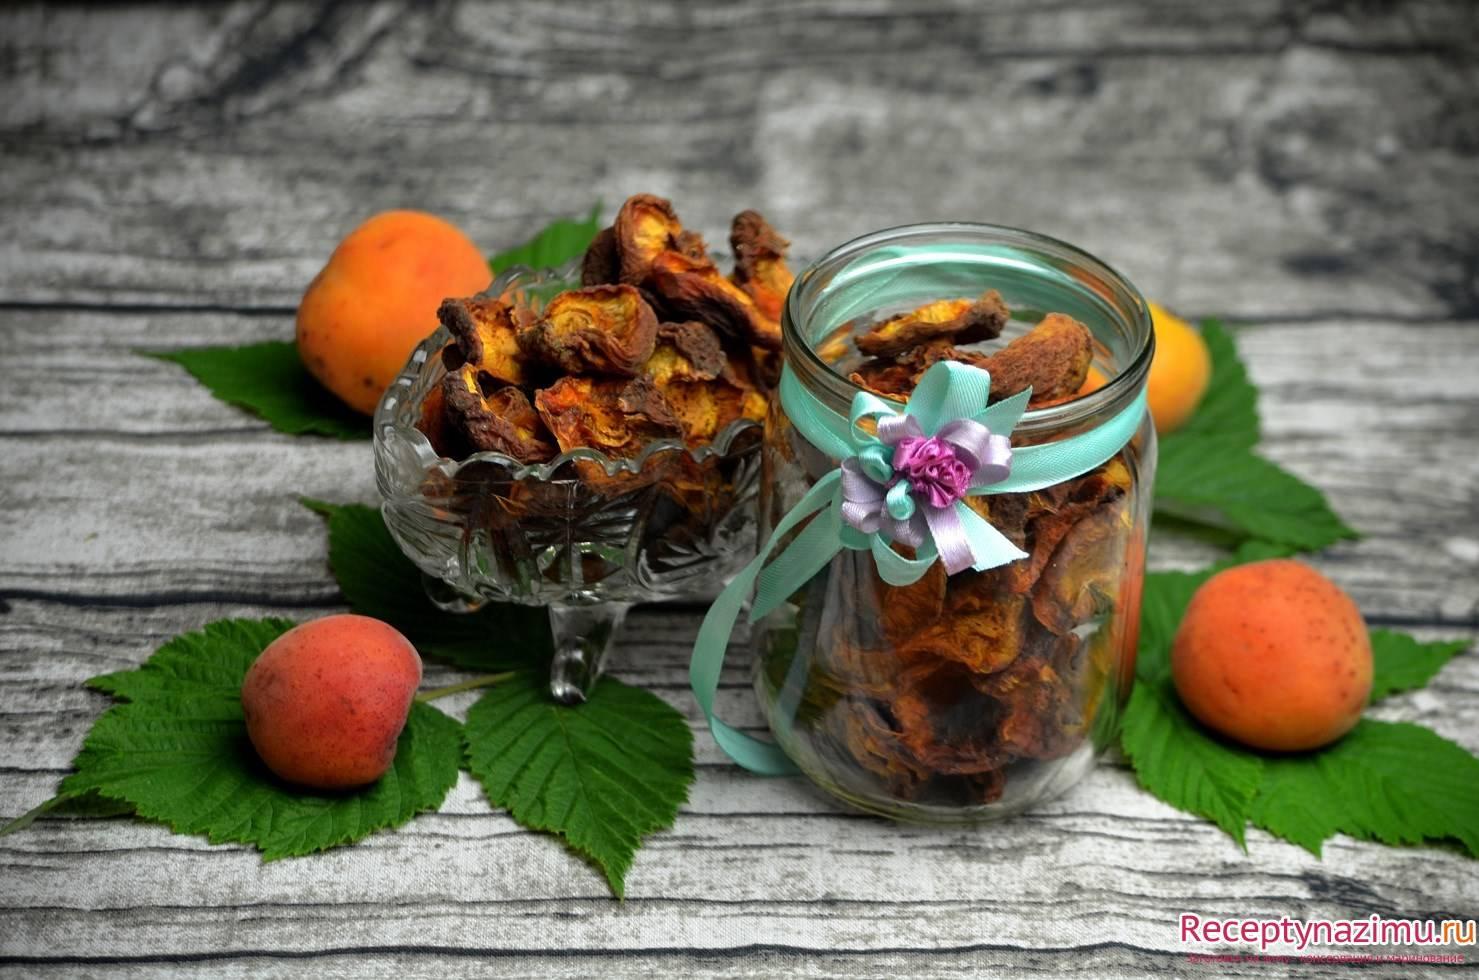 Как в домашних условиях сушить абрикосы на курагу